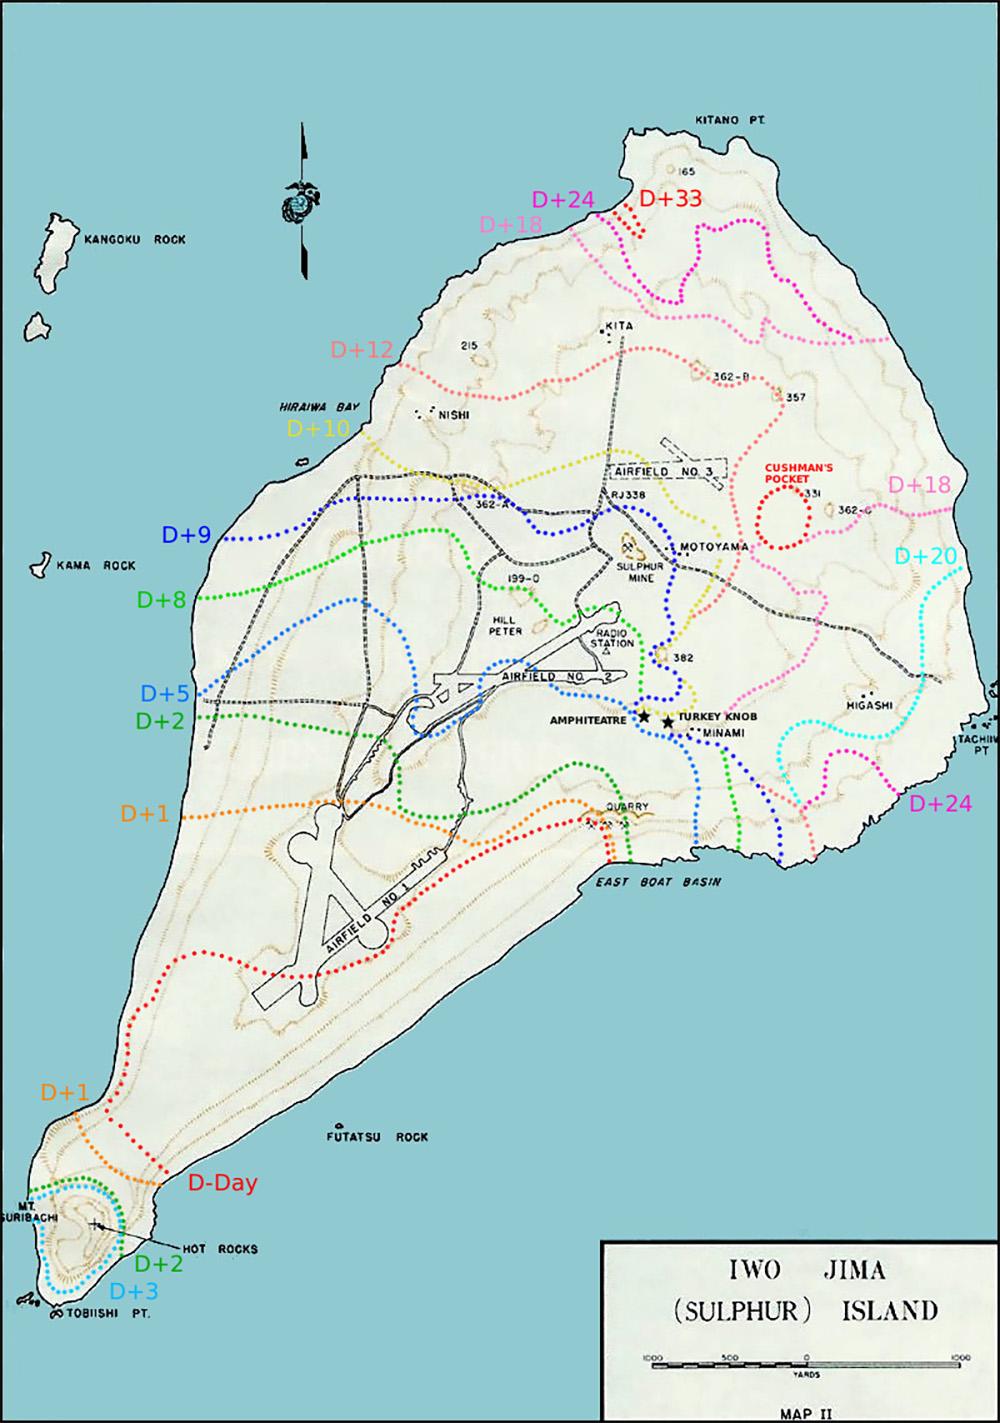 Iwo Jima - The Amphitheater